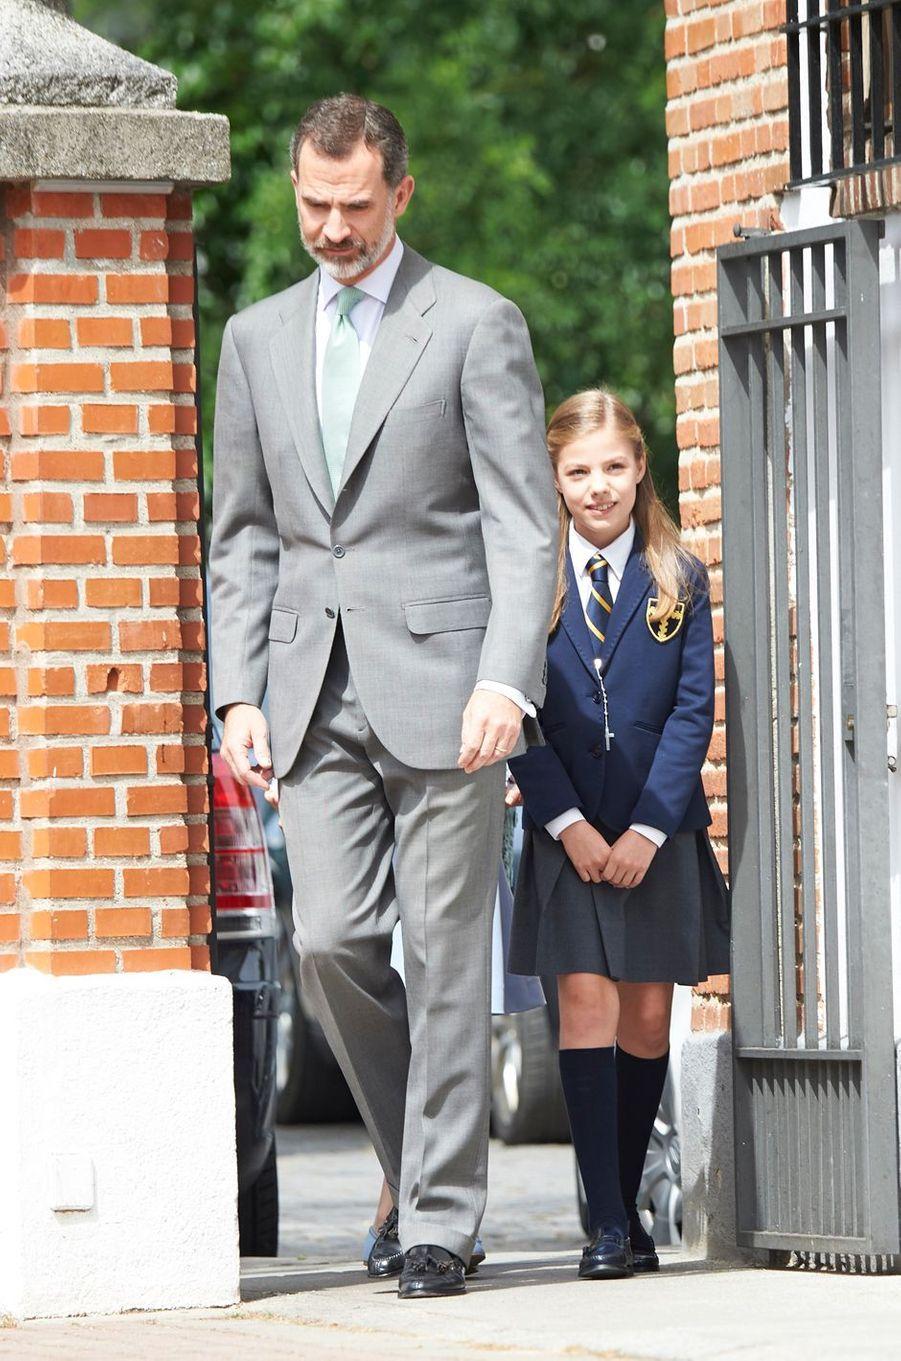 Le roi Felipe VI d'Espagne et la princesse Sofia à Madrid, le 17 mai 2017